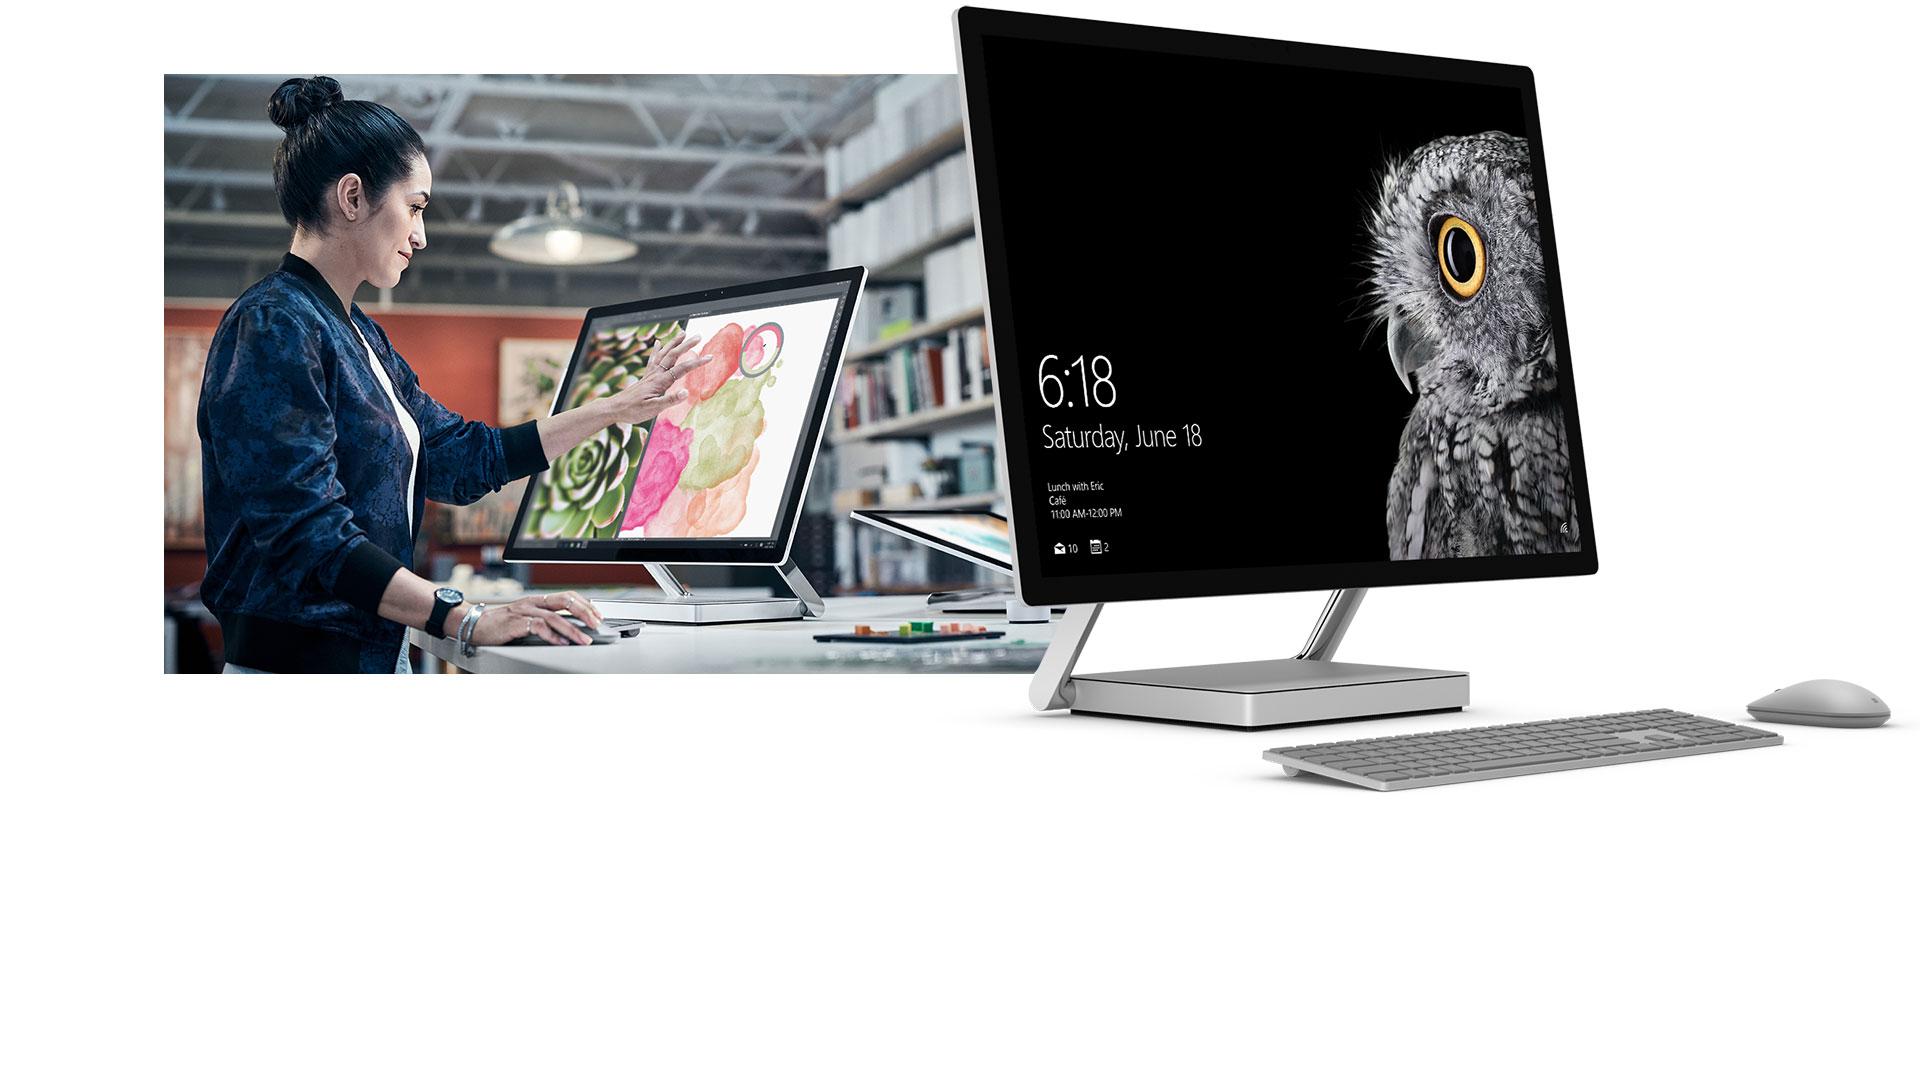 一个女人触摸着桌面模式的 Surface Studio 的显示屏,旁边是 Surface Studio 的产品图像